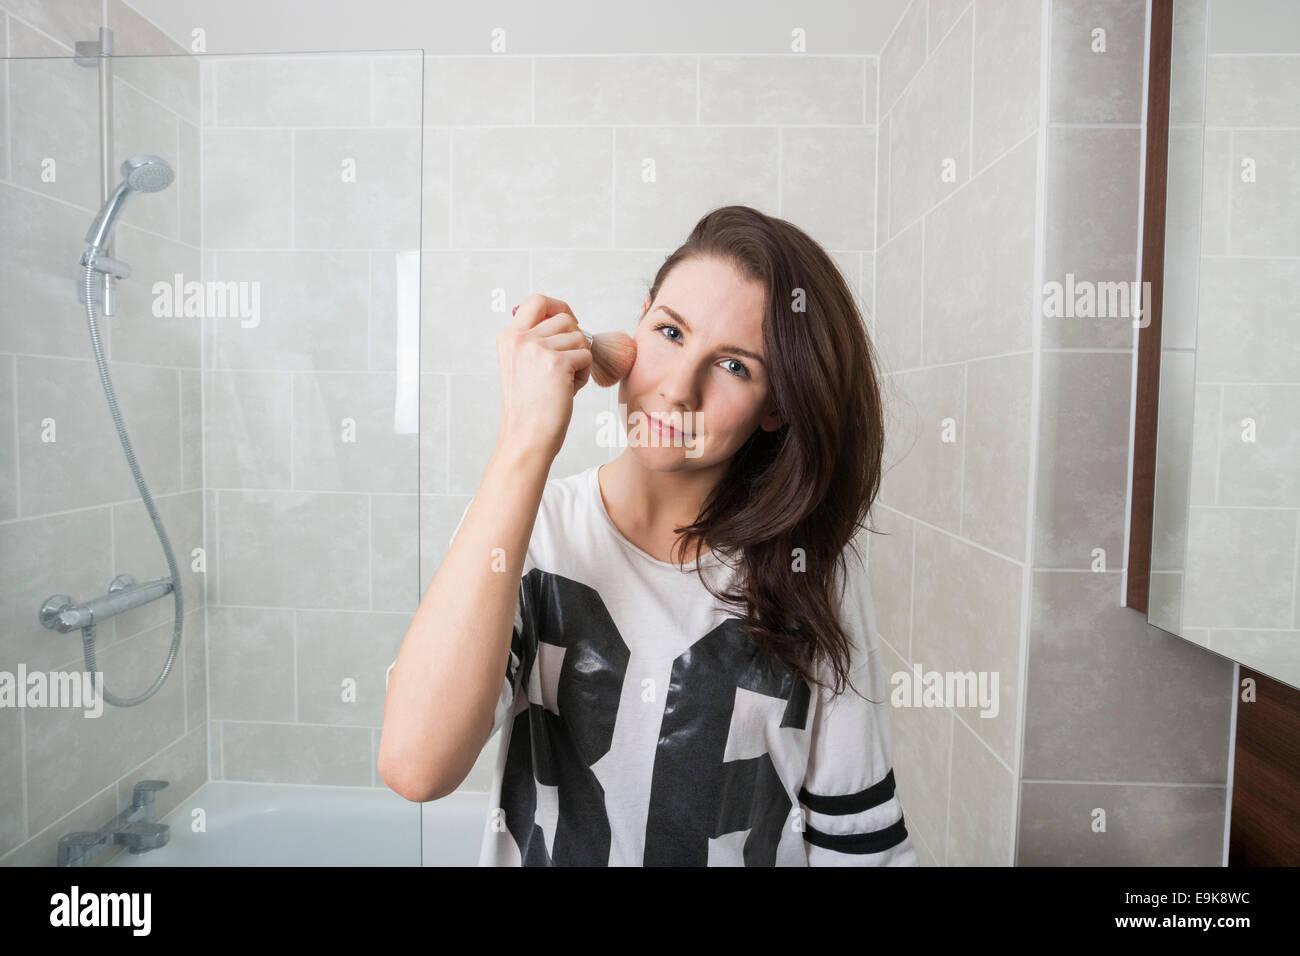 Retrato de mujer hermosa al maquillaje en el baño. Imagen De Stock